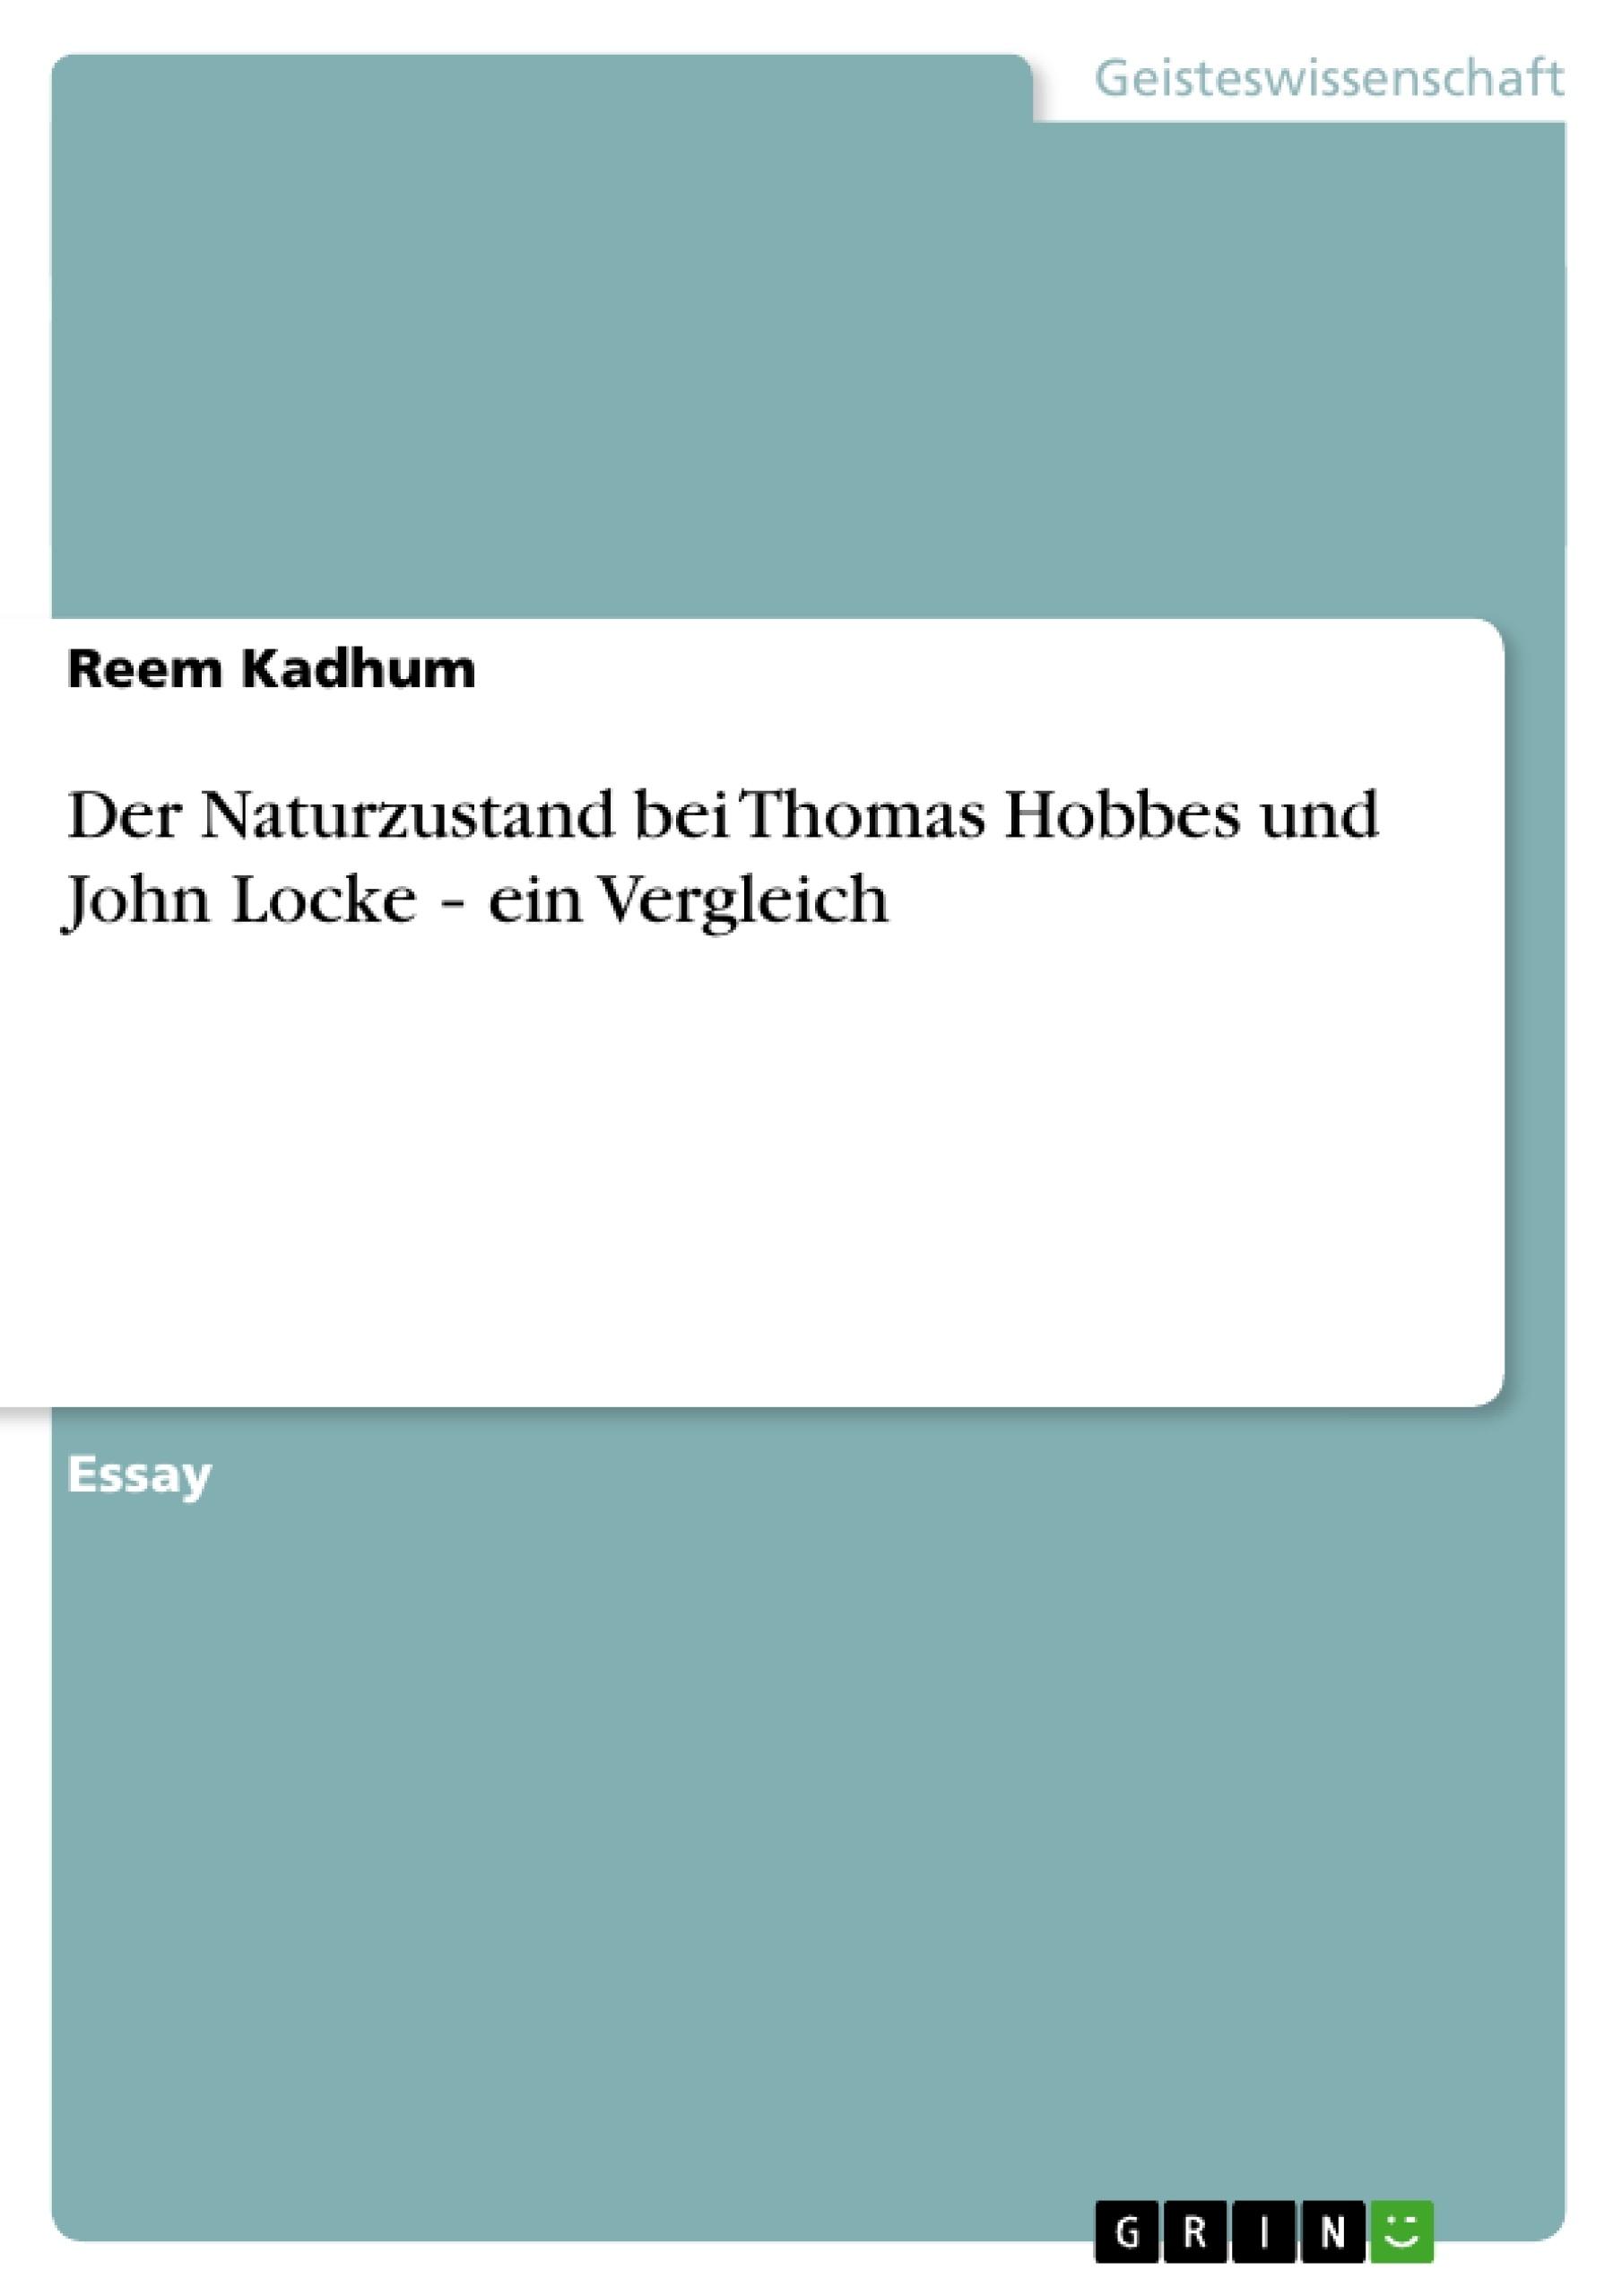 Titel: Der Naturzustand bei Thomas Hobbes und John Locke ‐ ein Vergleich